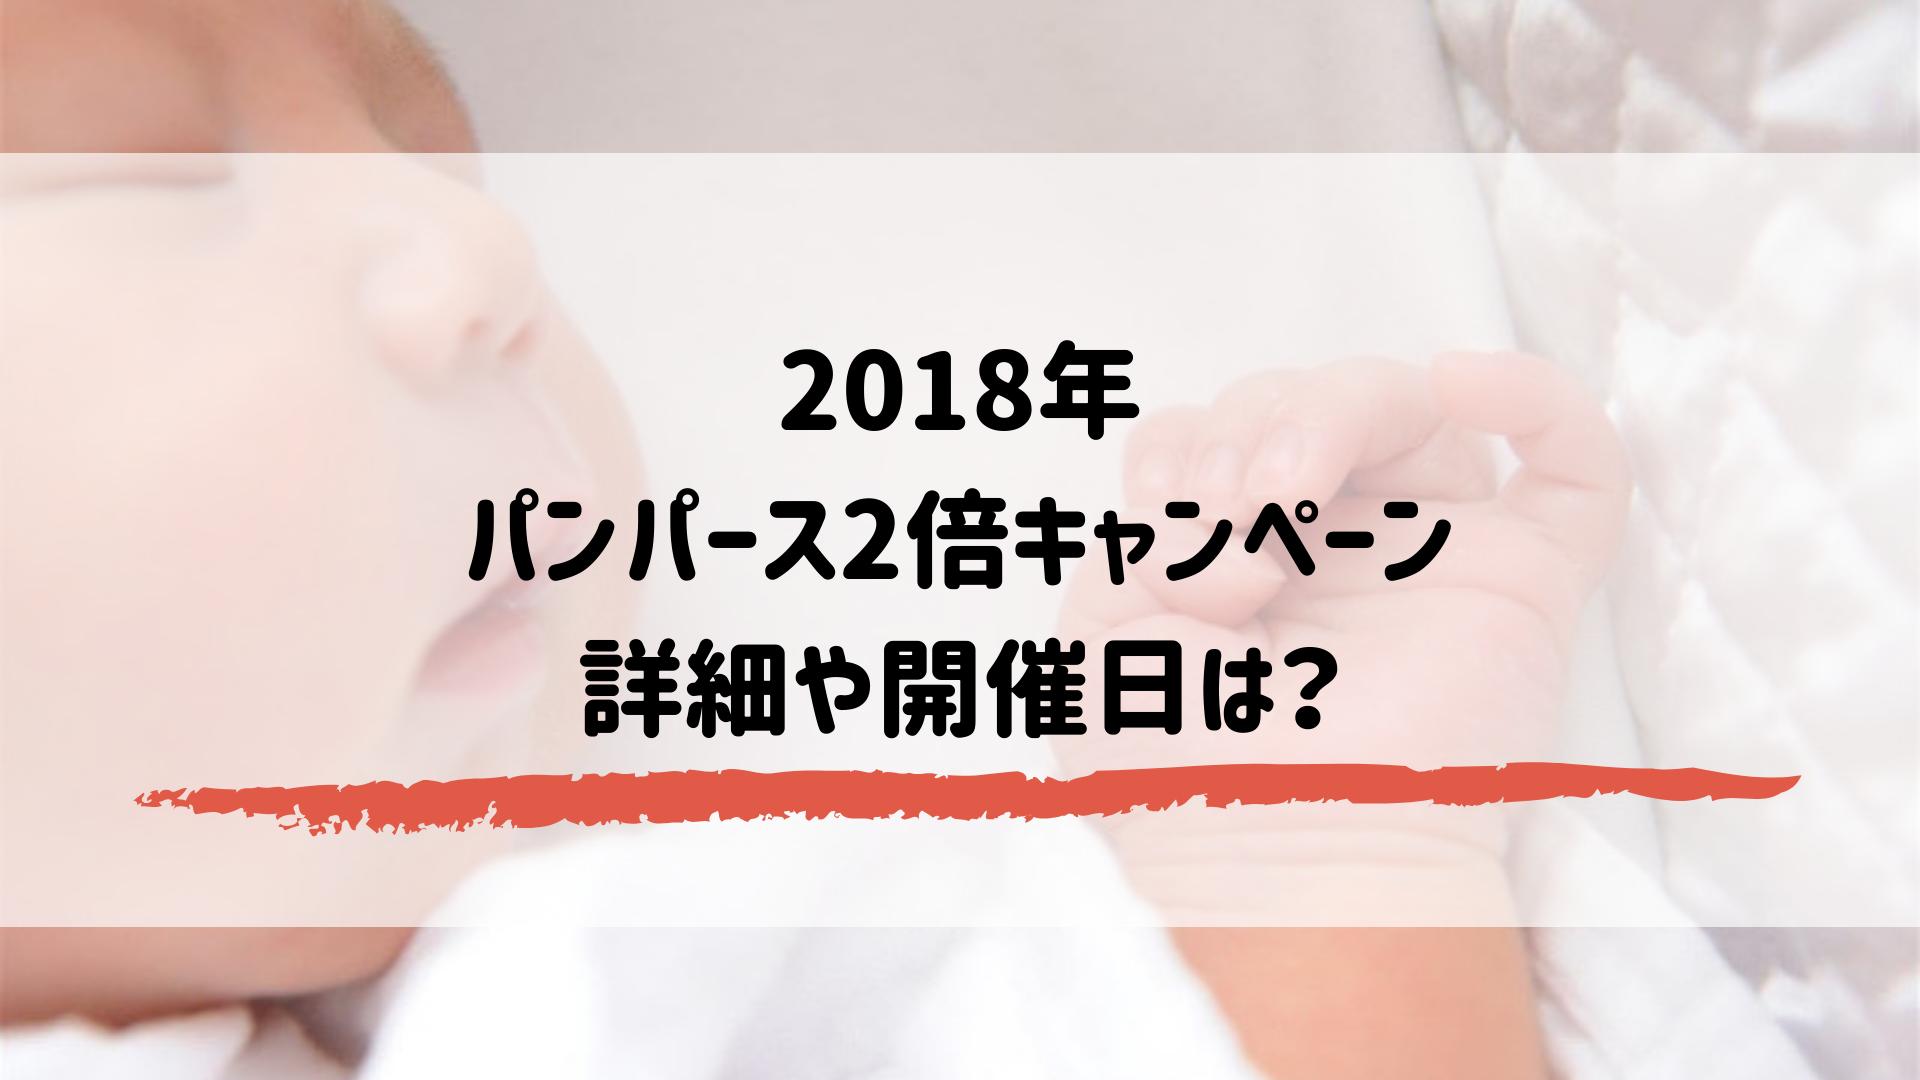 2018年 パンパース2倍キャンペーン 詳細や開催日は?